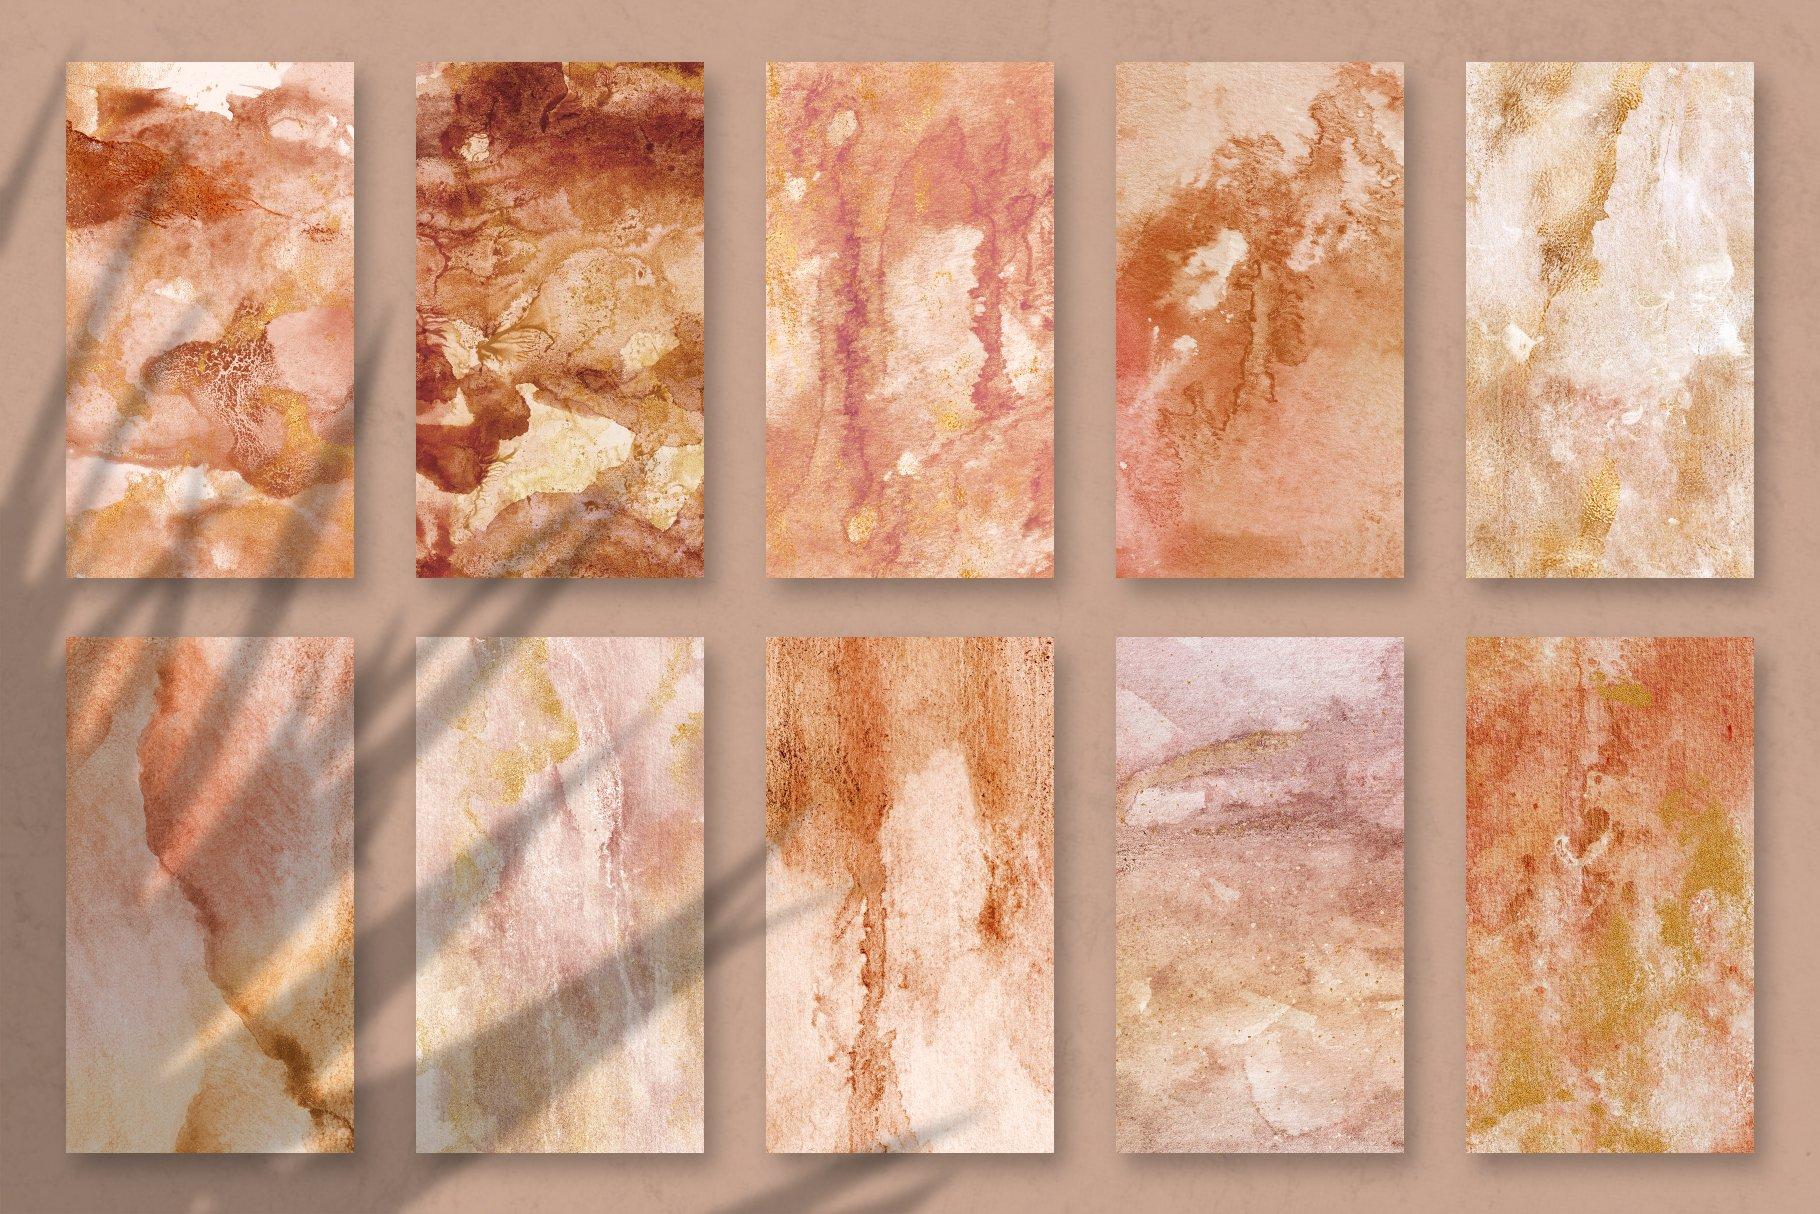 [单独购买] 20款抽象奢华橙色水彩纹理海报设计背景图片素材 20 Seamless Watercolor Textures插图15